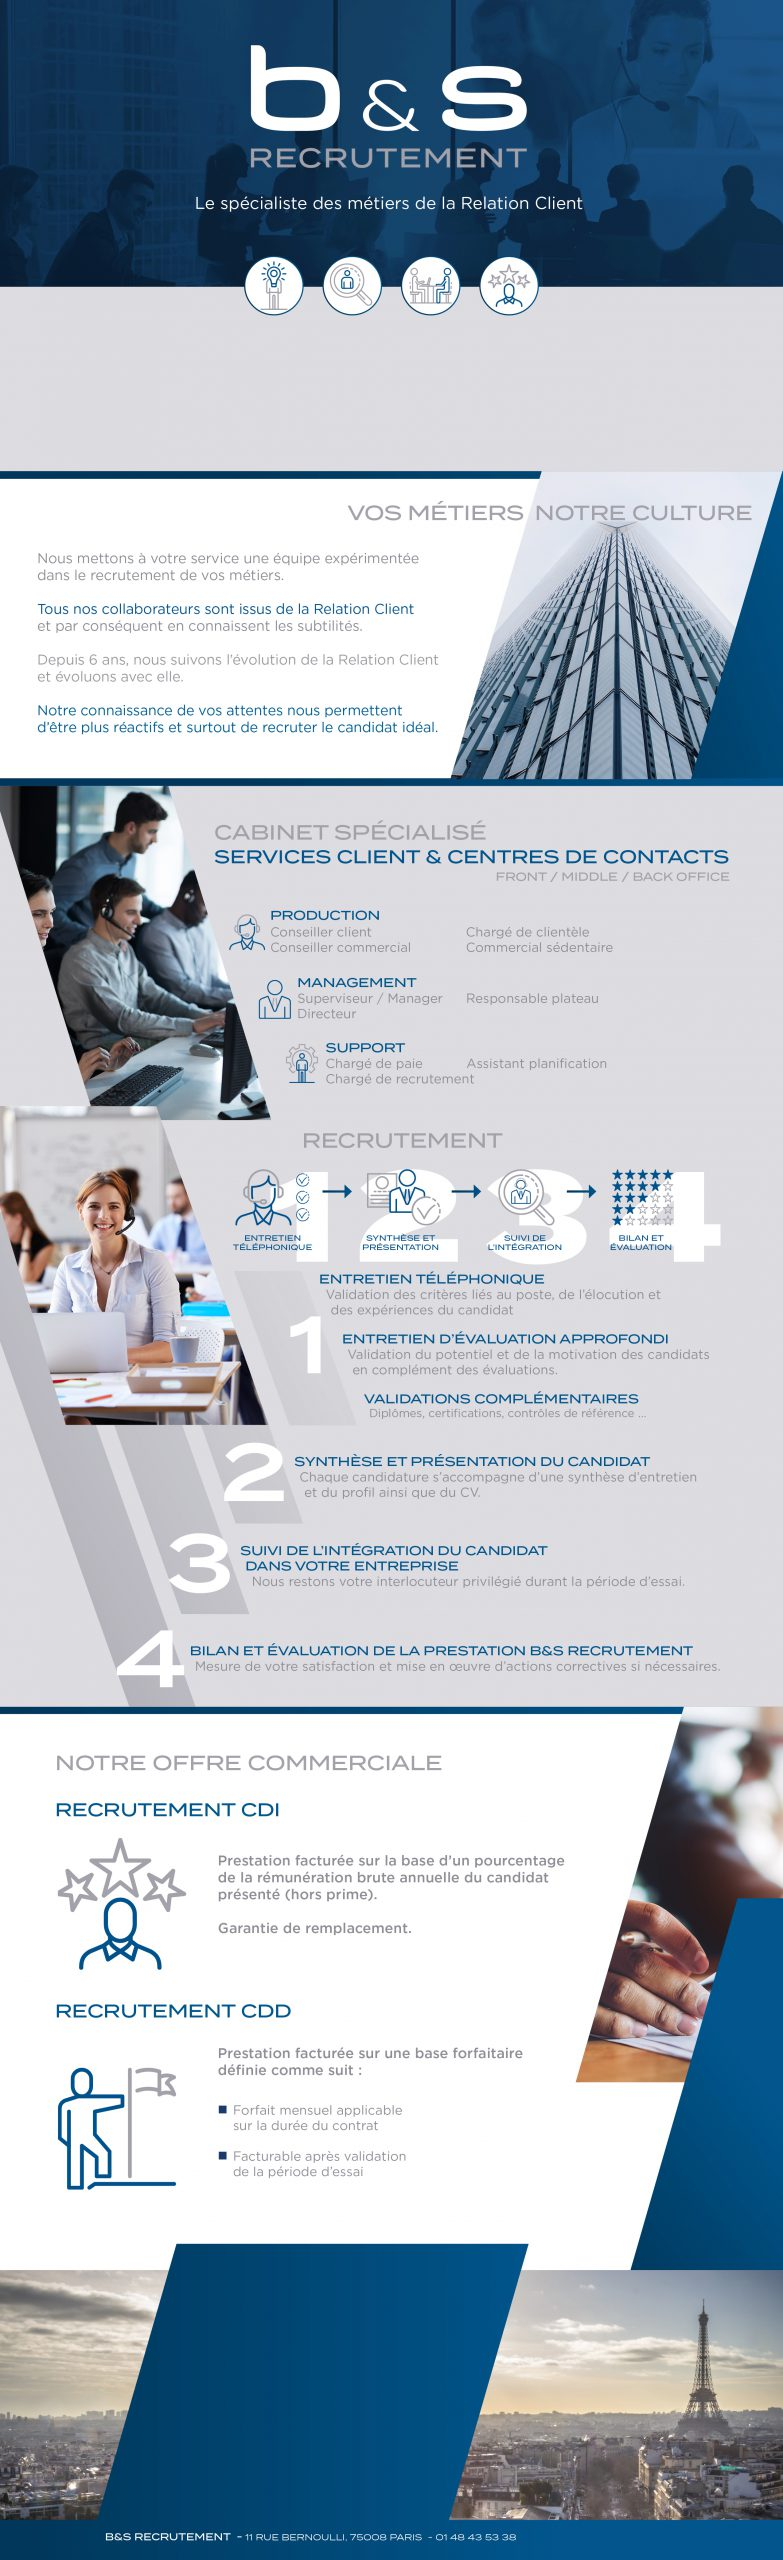 2-IdentiteVisuelle-Emailing-BSR